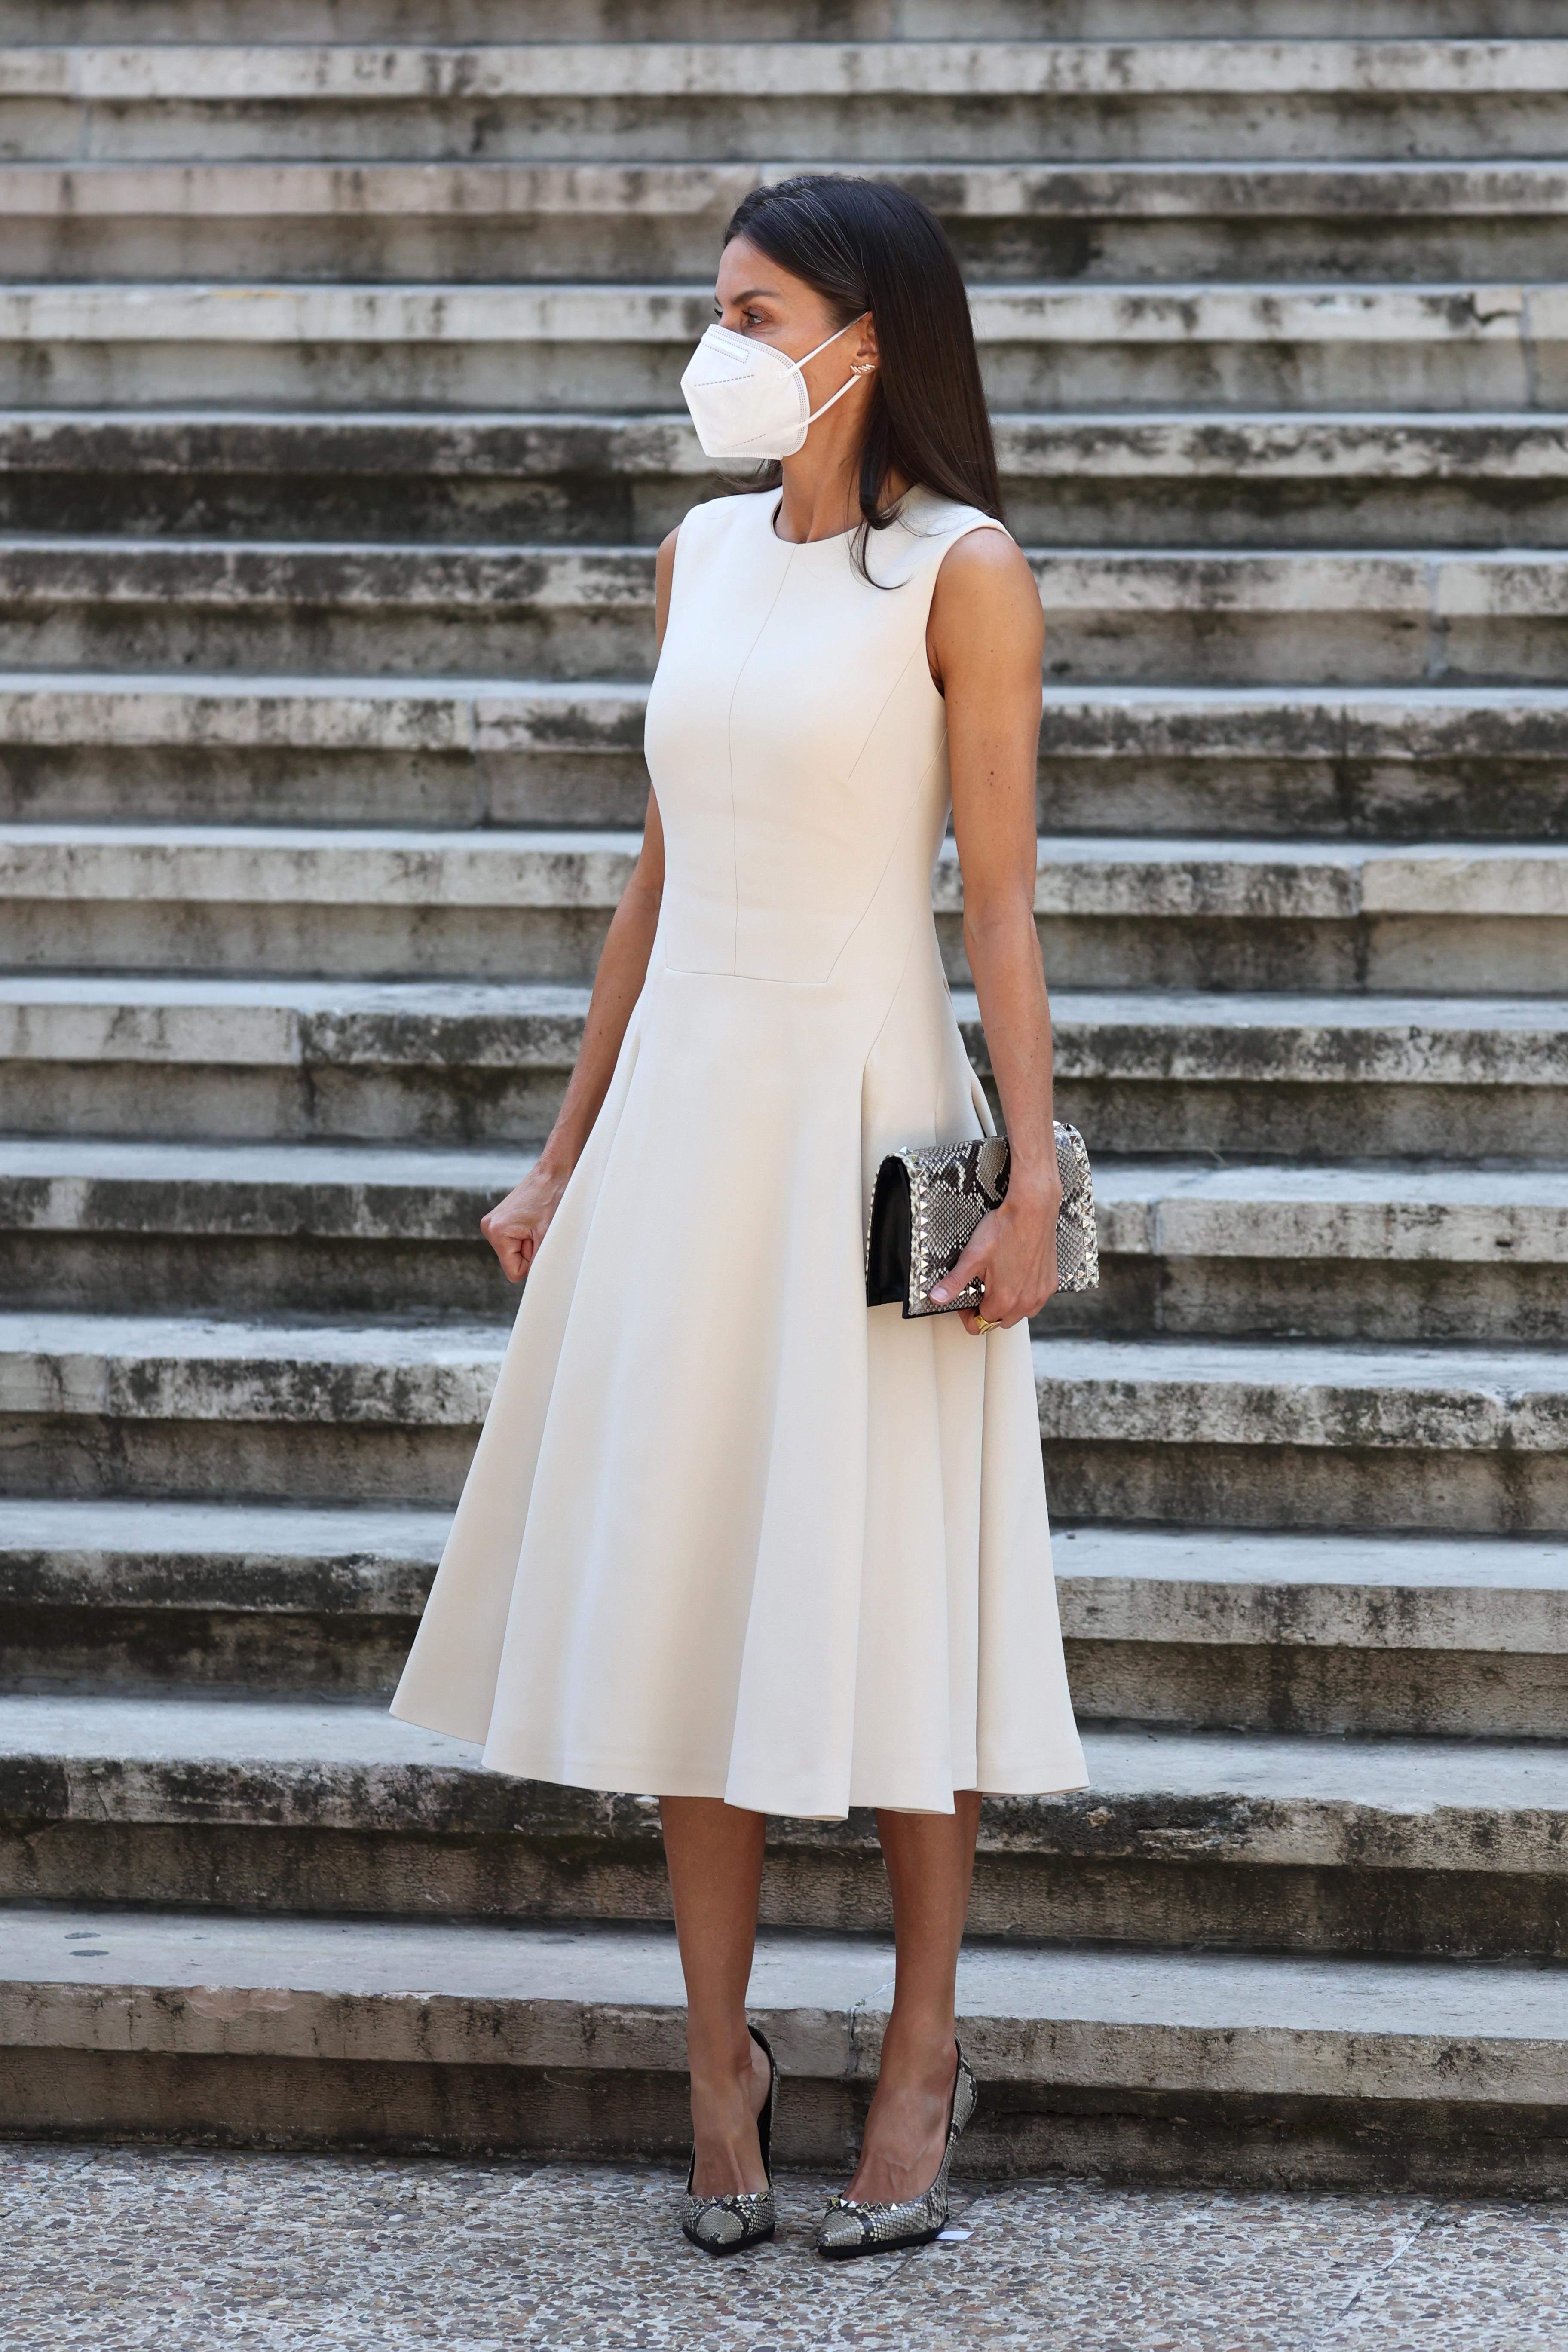 Королева Летиція у молочній сукні